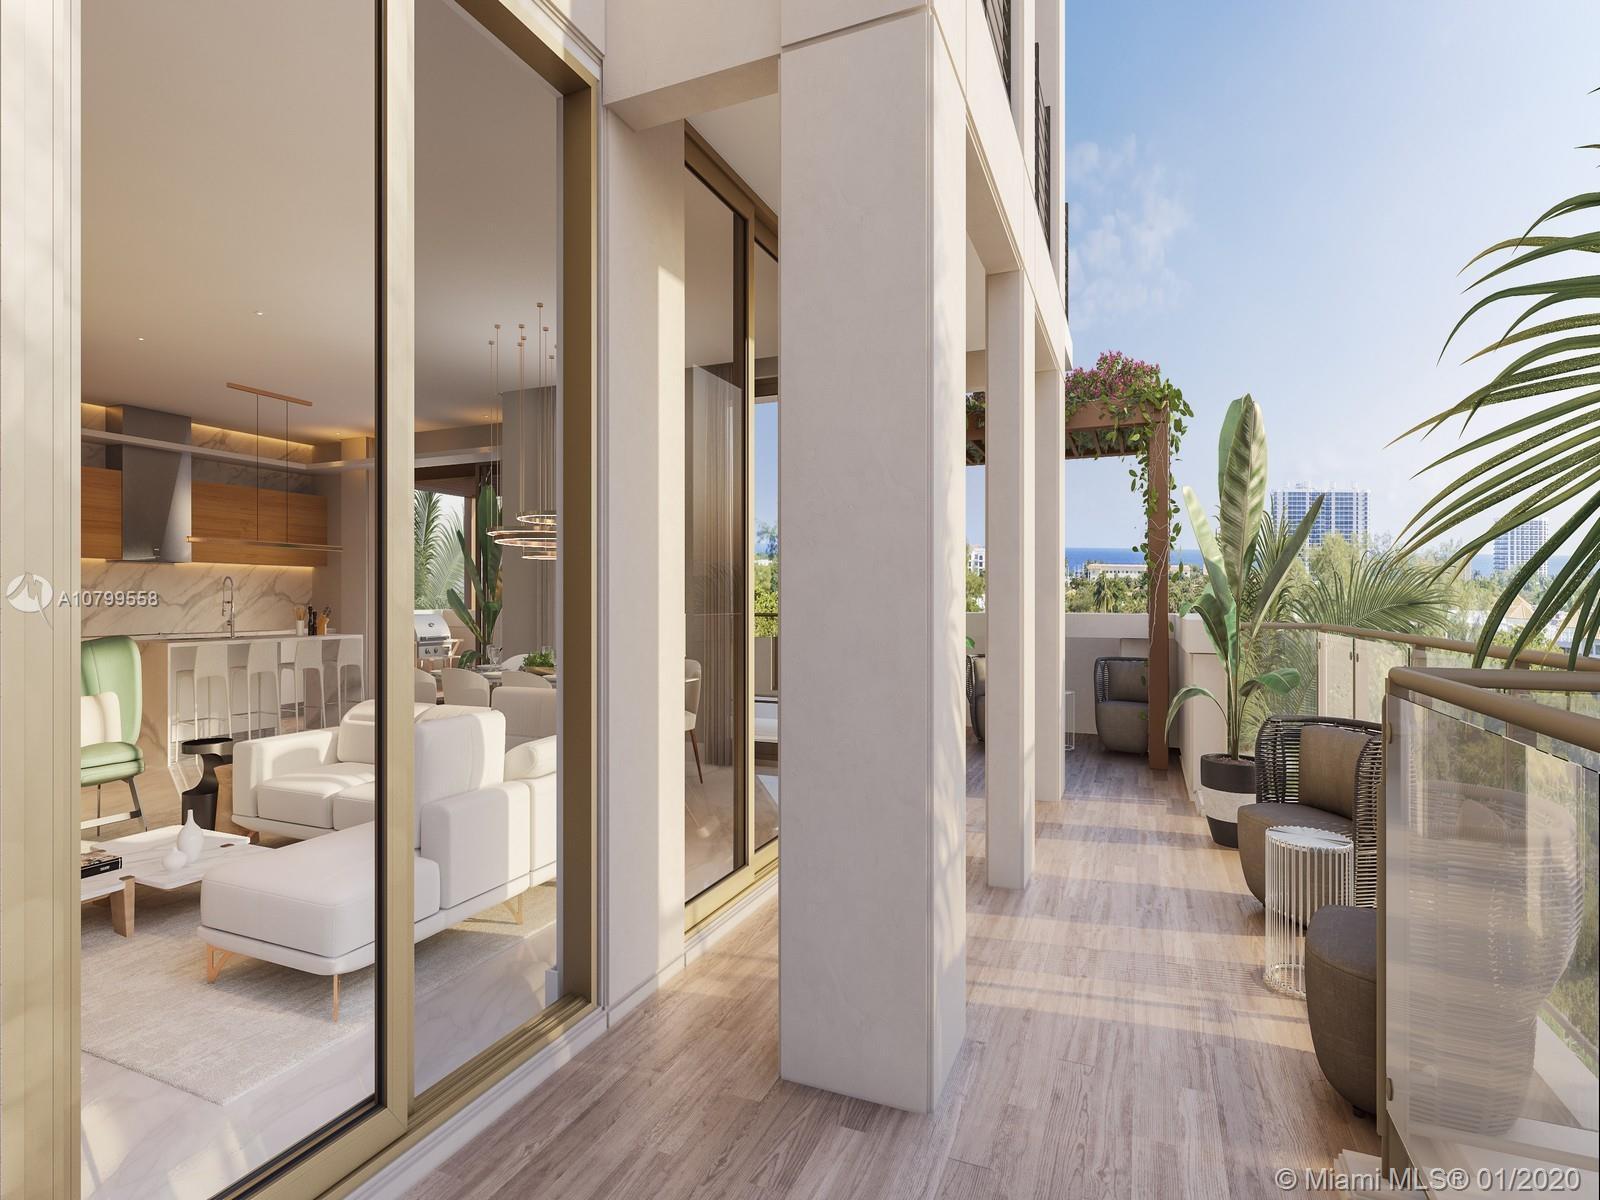 image #1 of property, Royal Palm Residences, Unit 803